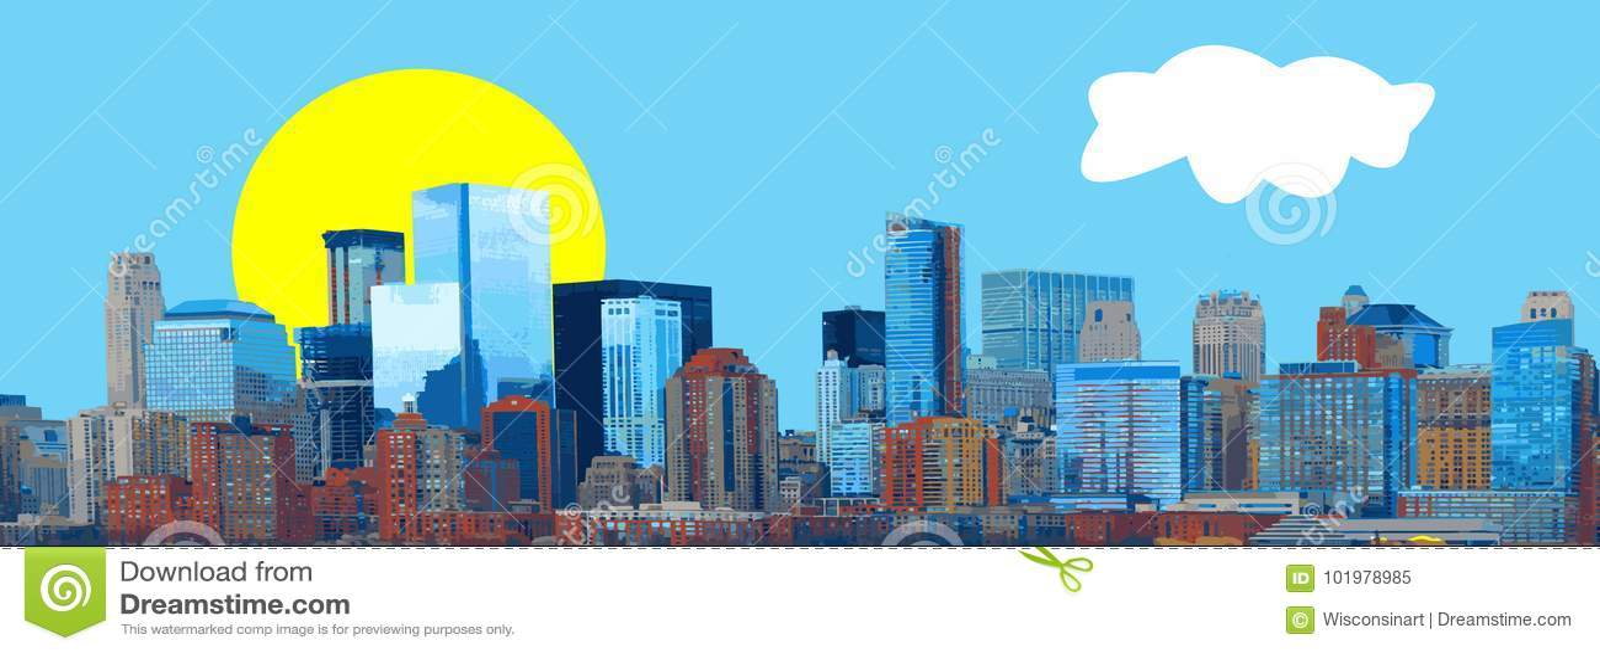 Διάνυσμα πανοράματος εμβλημάτων οριζόντων πόλεων